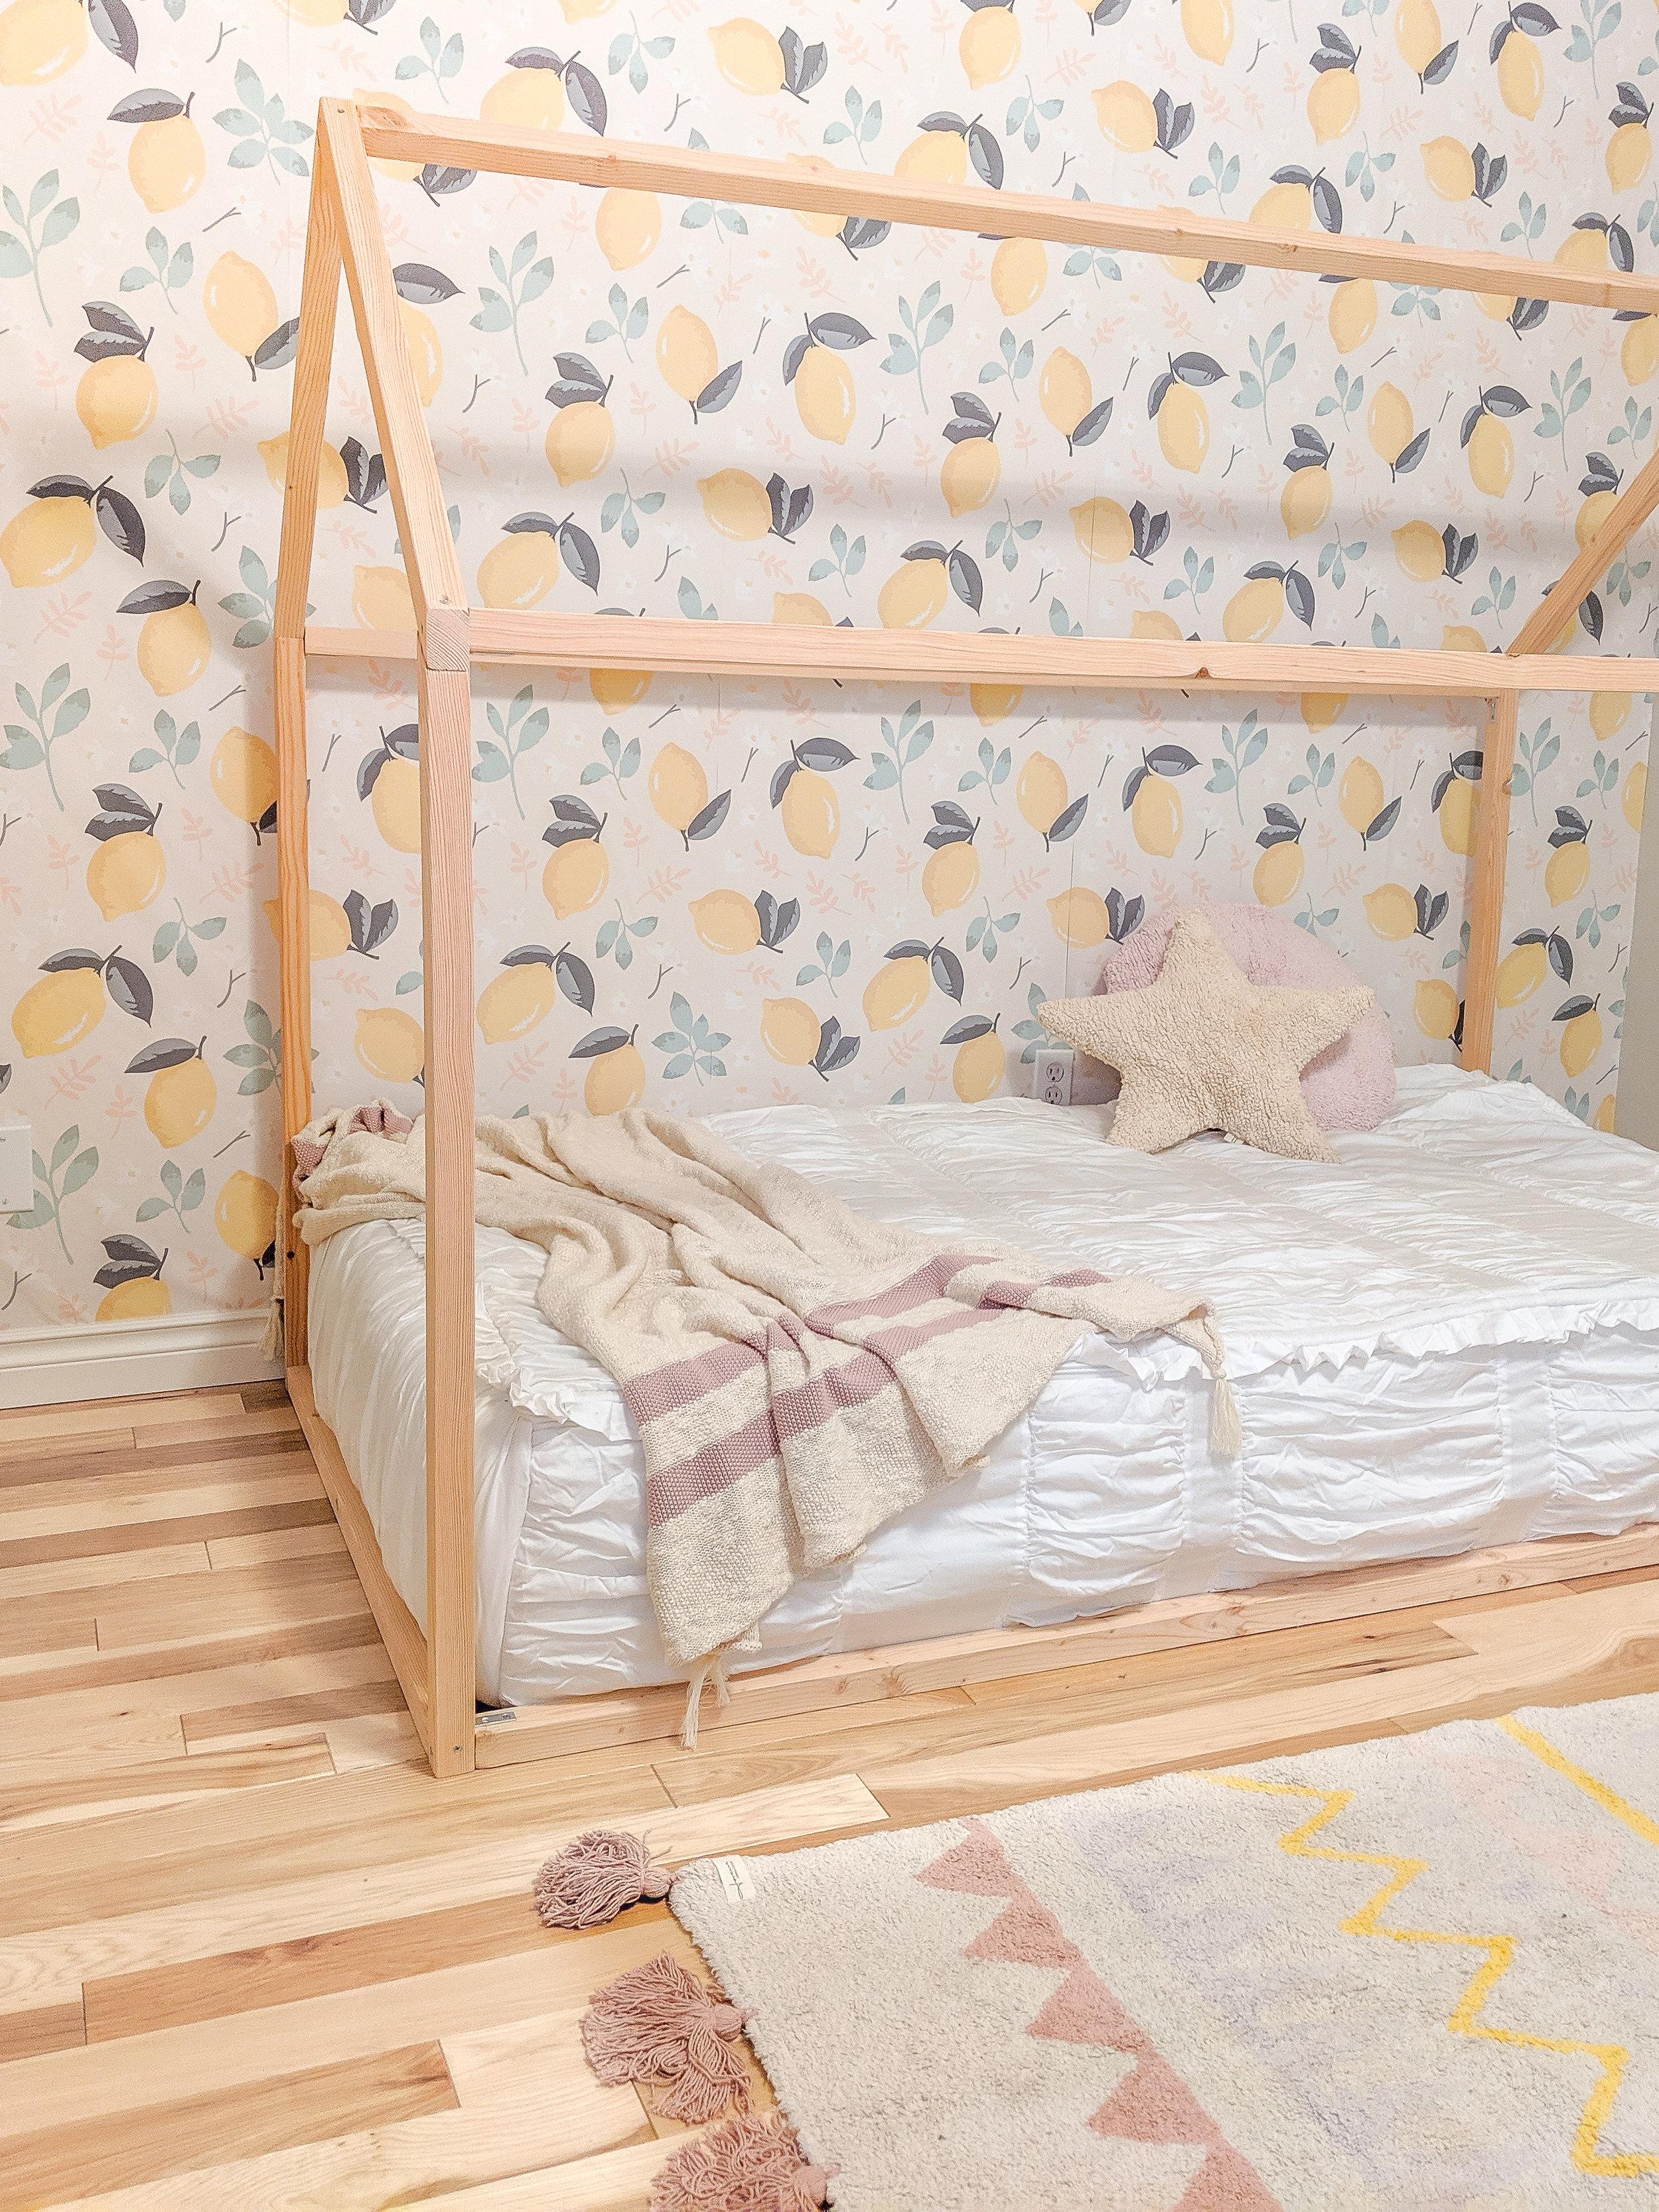 Toddler Girl's Room